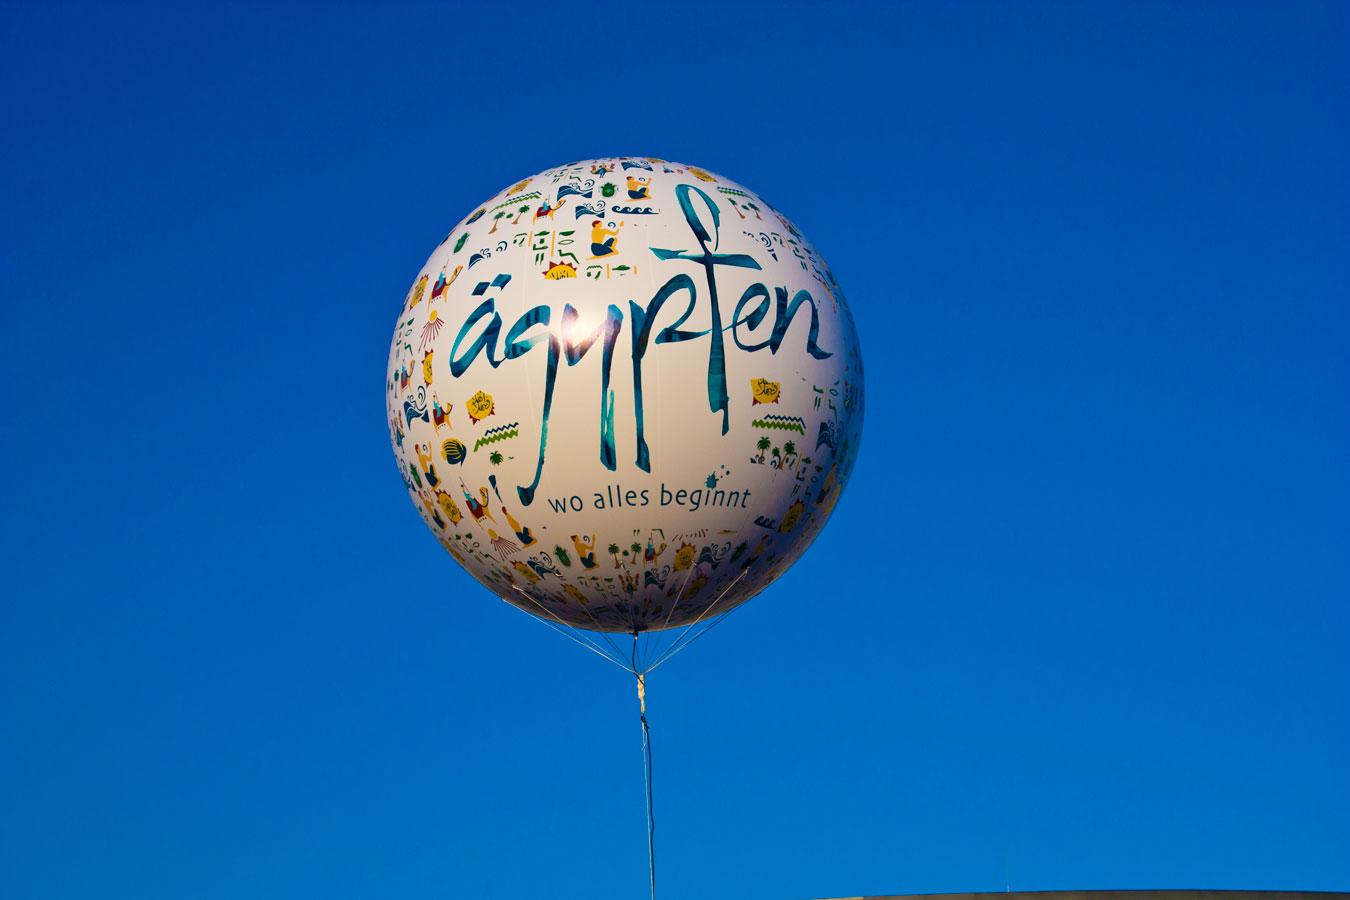 Digitalbedruckter Fesselballon, Volldruck 3m Durchmesser